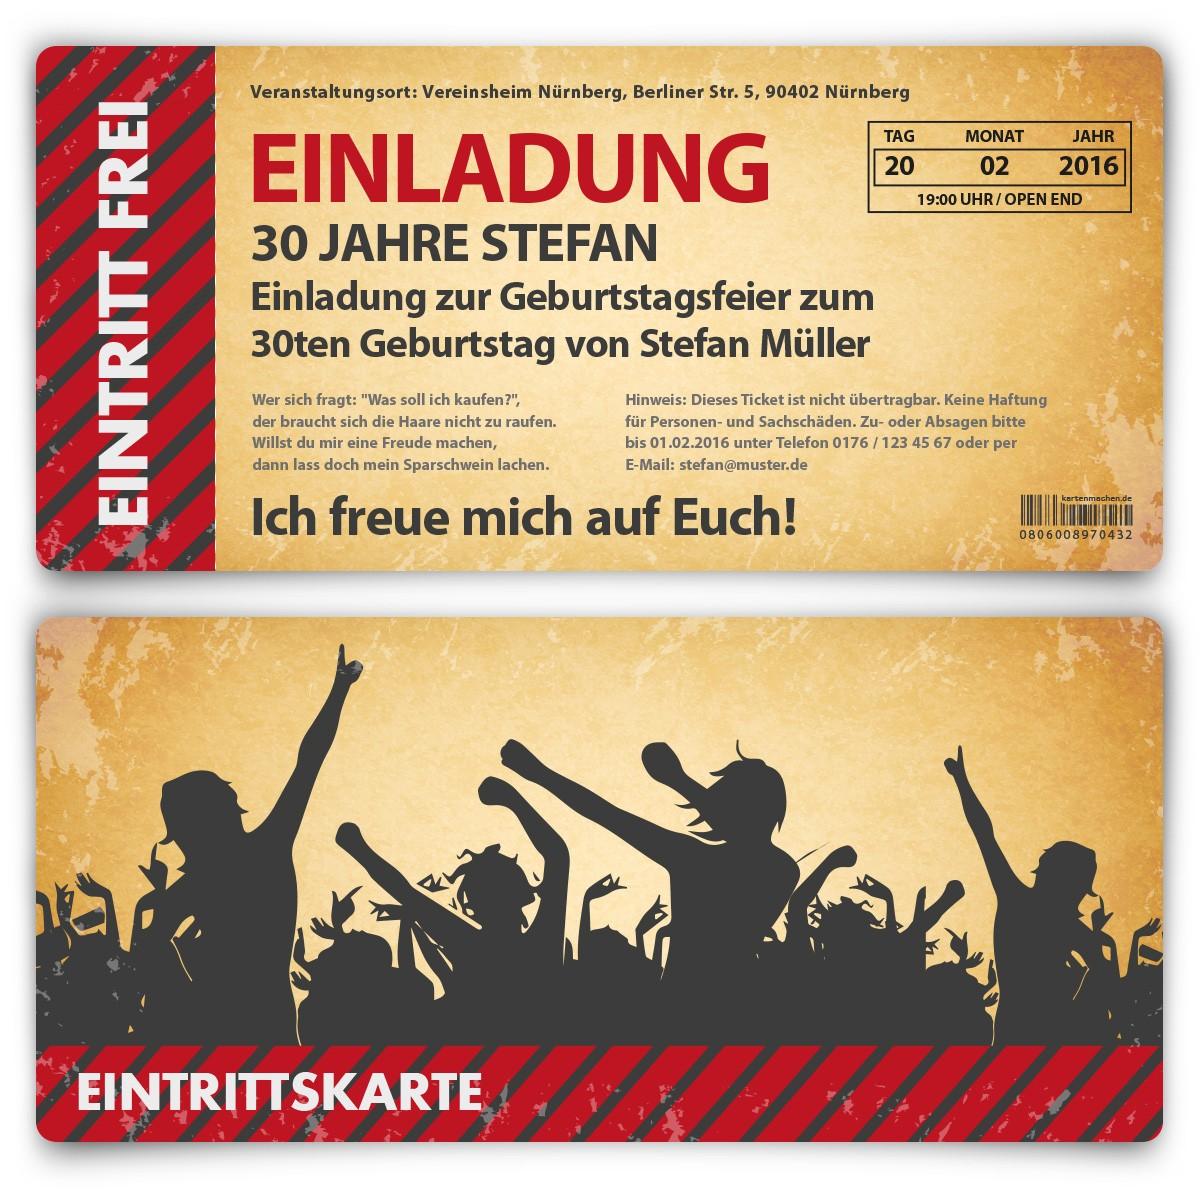 Schön 01 Einladungskarte Als Eintrittskarte Party Vintage_1 ...